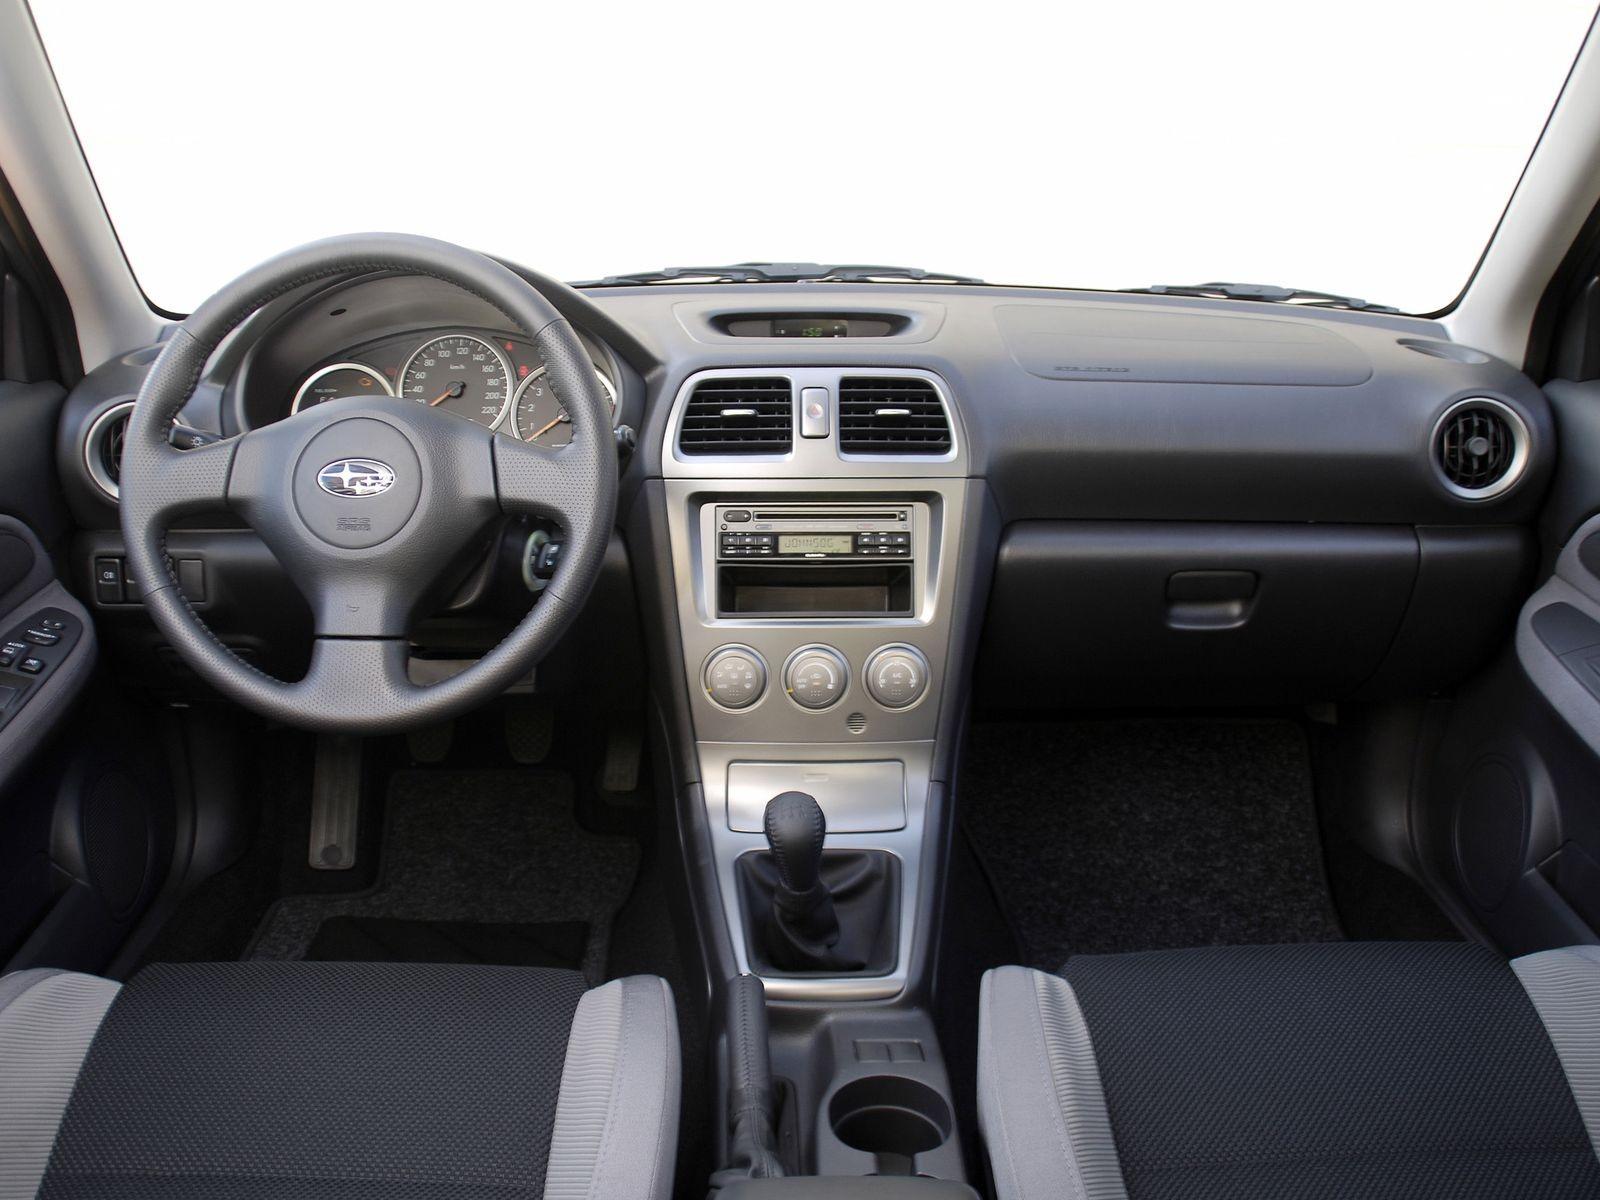 Из виртуальных гонок в реальные: стоит ли покупать Subaru Impreza II за 500 тысяч